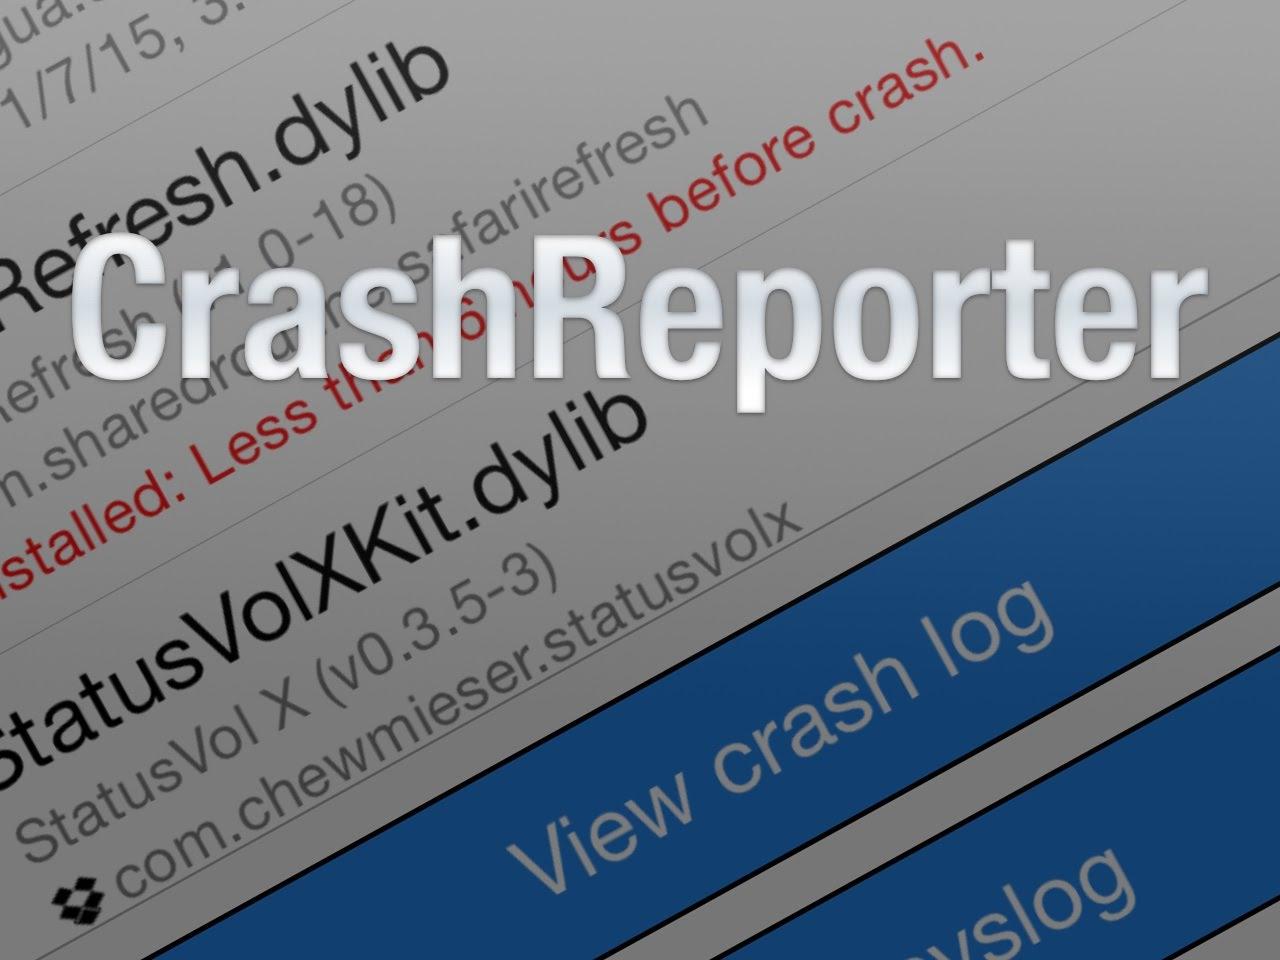 CrashReporter